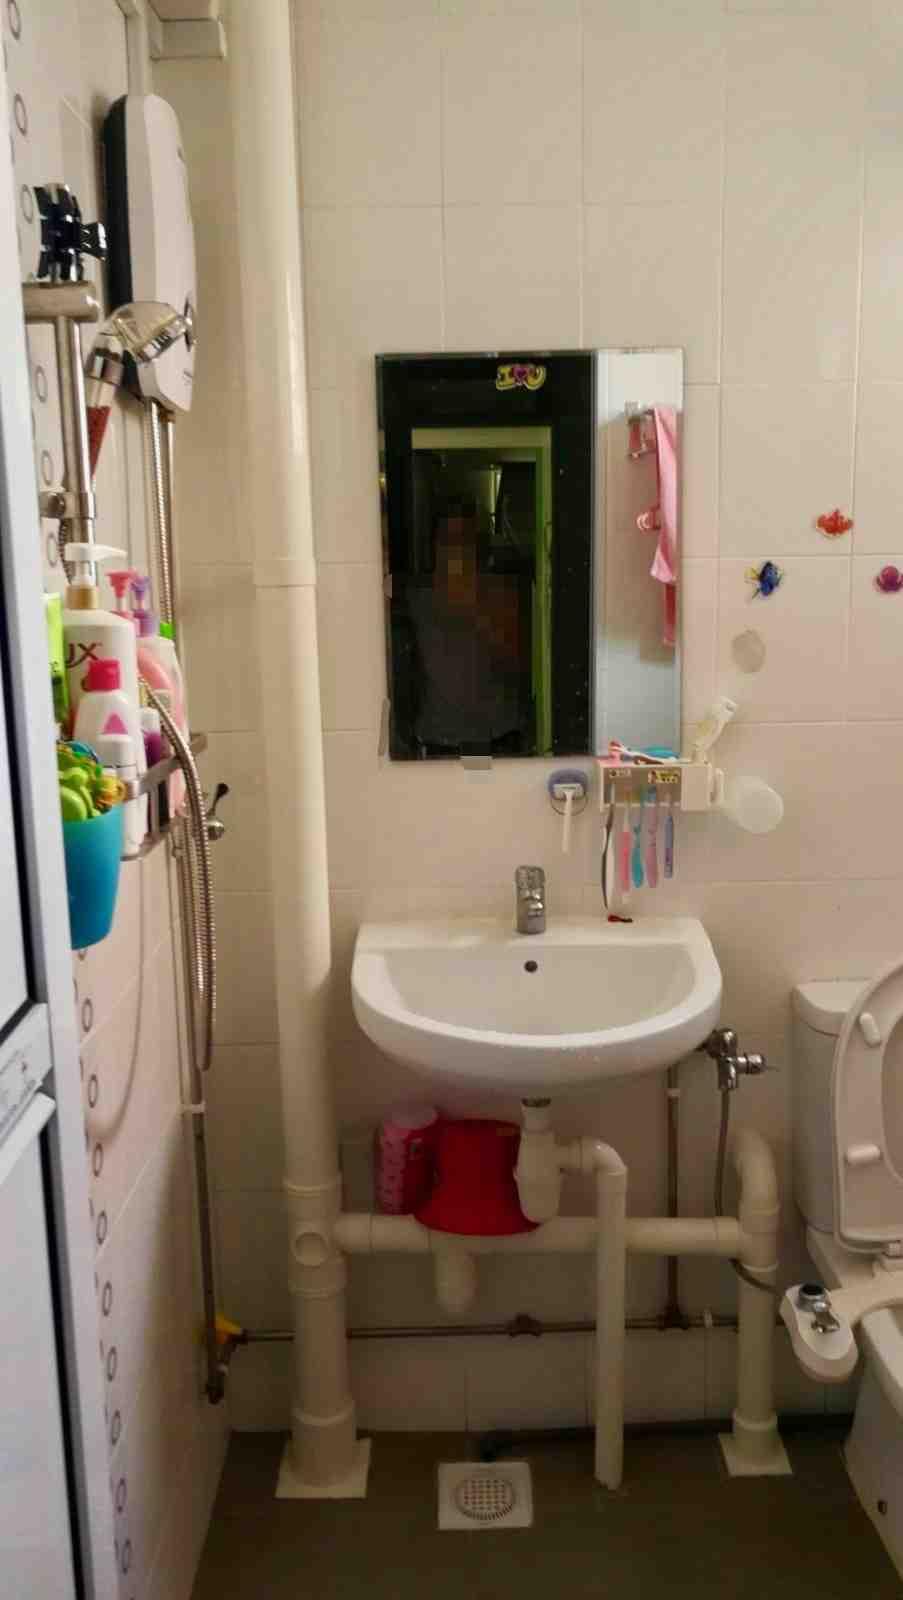 156 amk toilet 12.40.10 pm